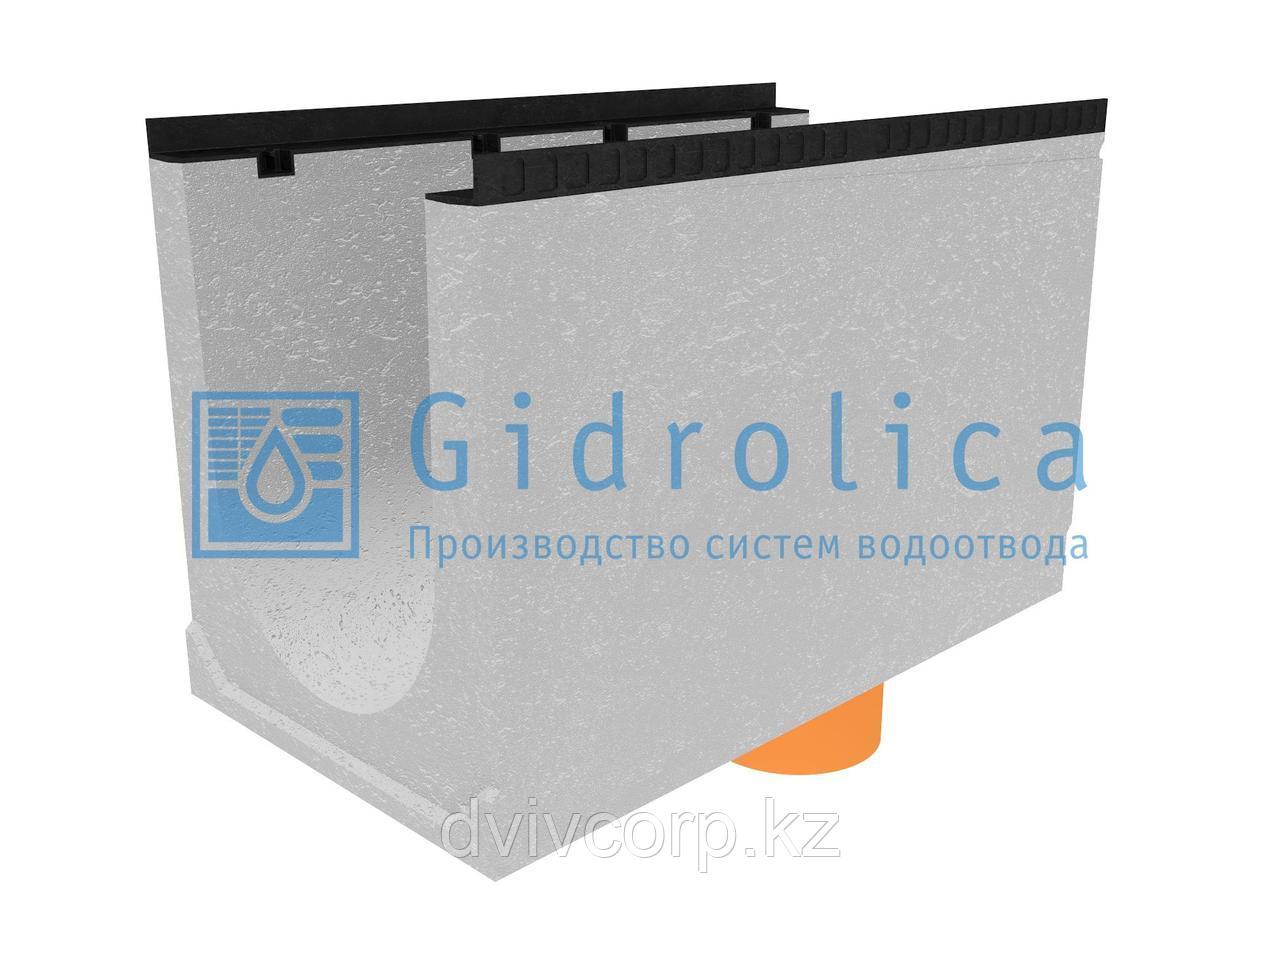 Лоток водоотводный бетонный коробчатый (СО-400мм), с водосливом КUв 100.54(40).65(57) - BGМ, № 40-0